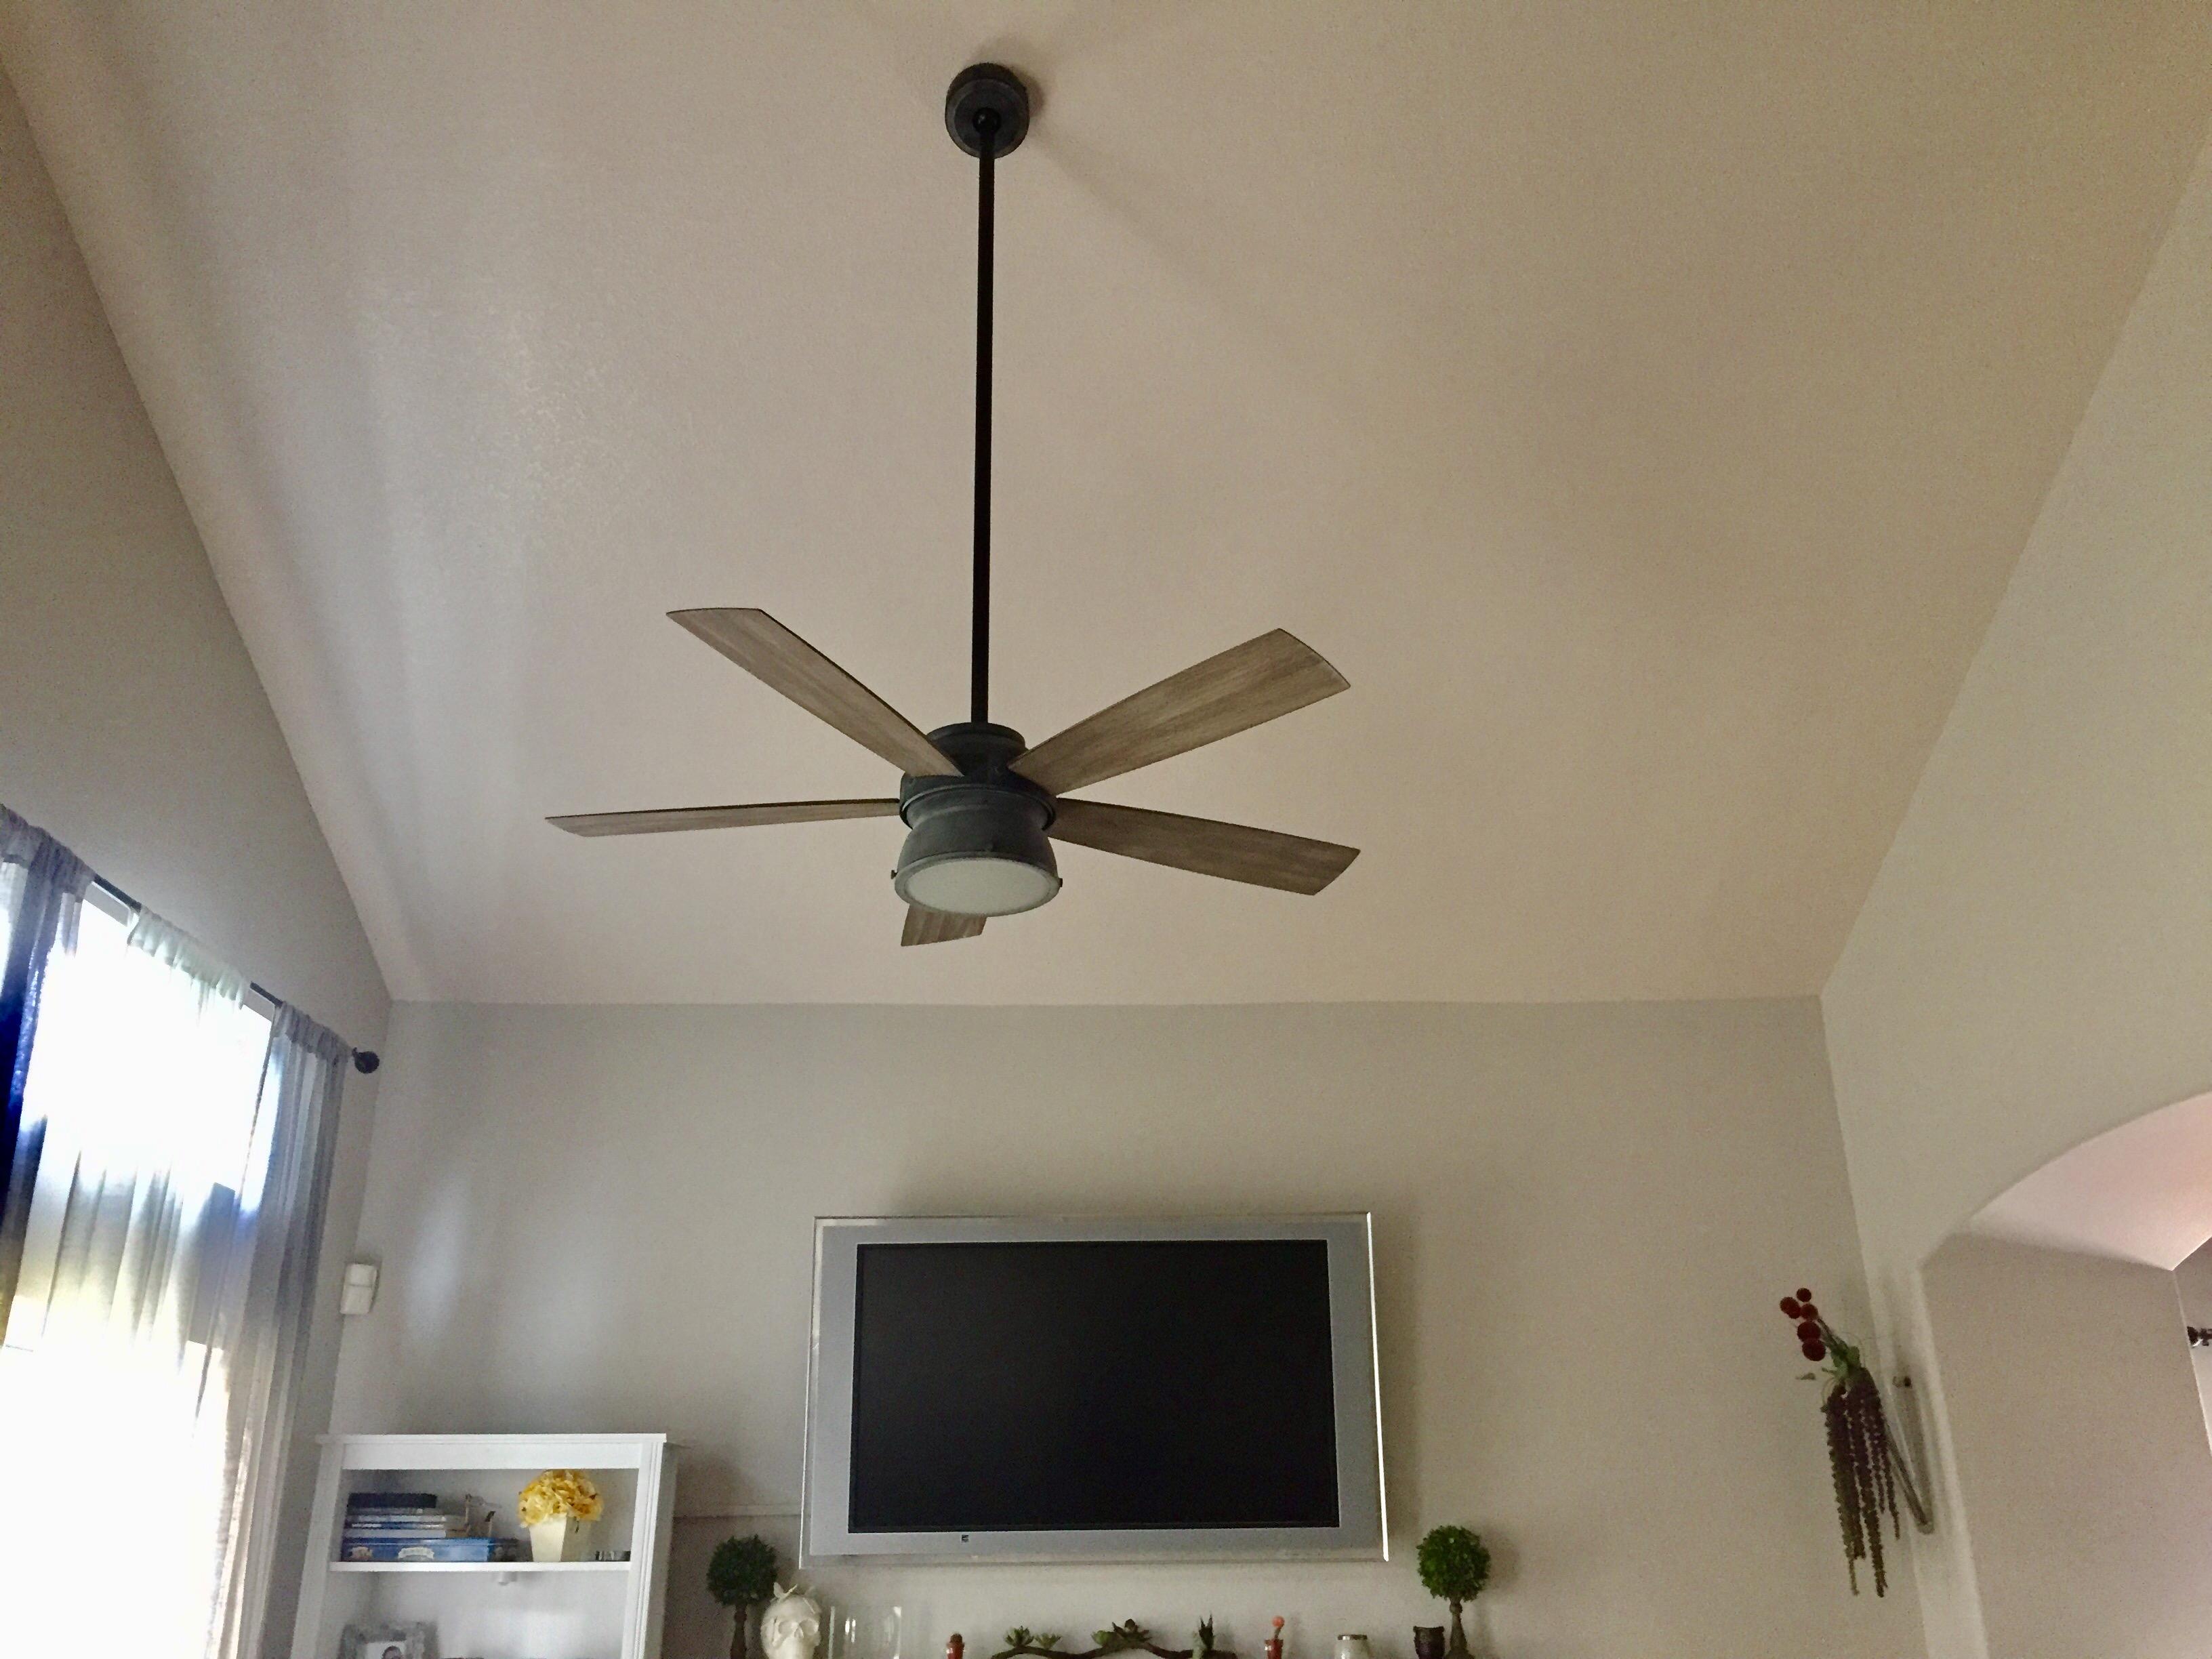 A Ceiling Fan I m Actually A Fan